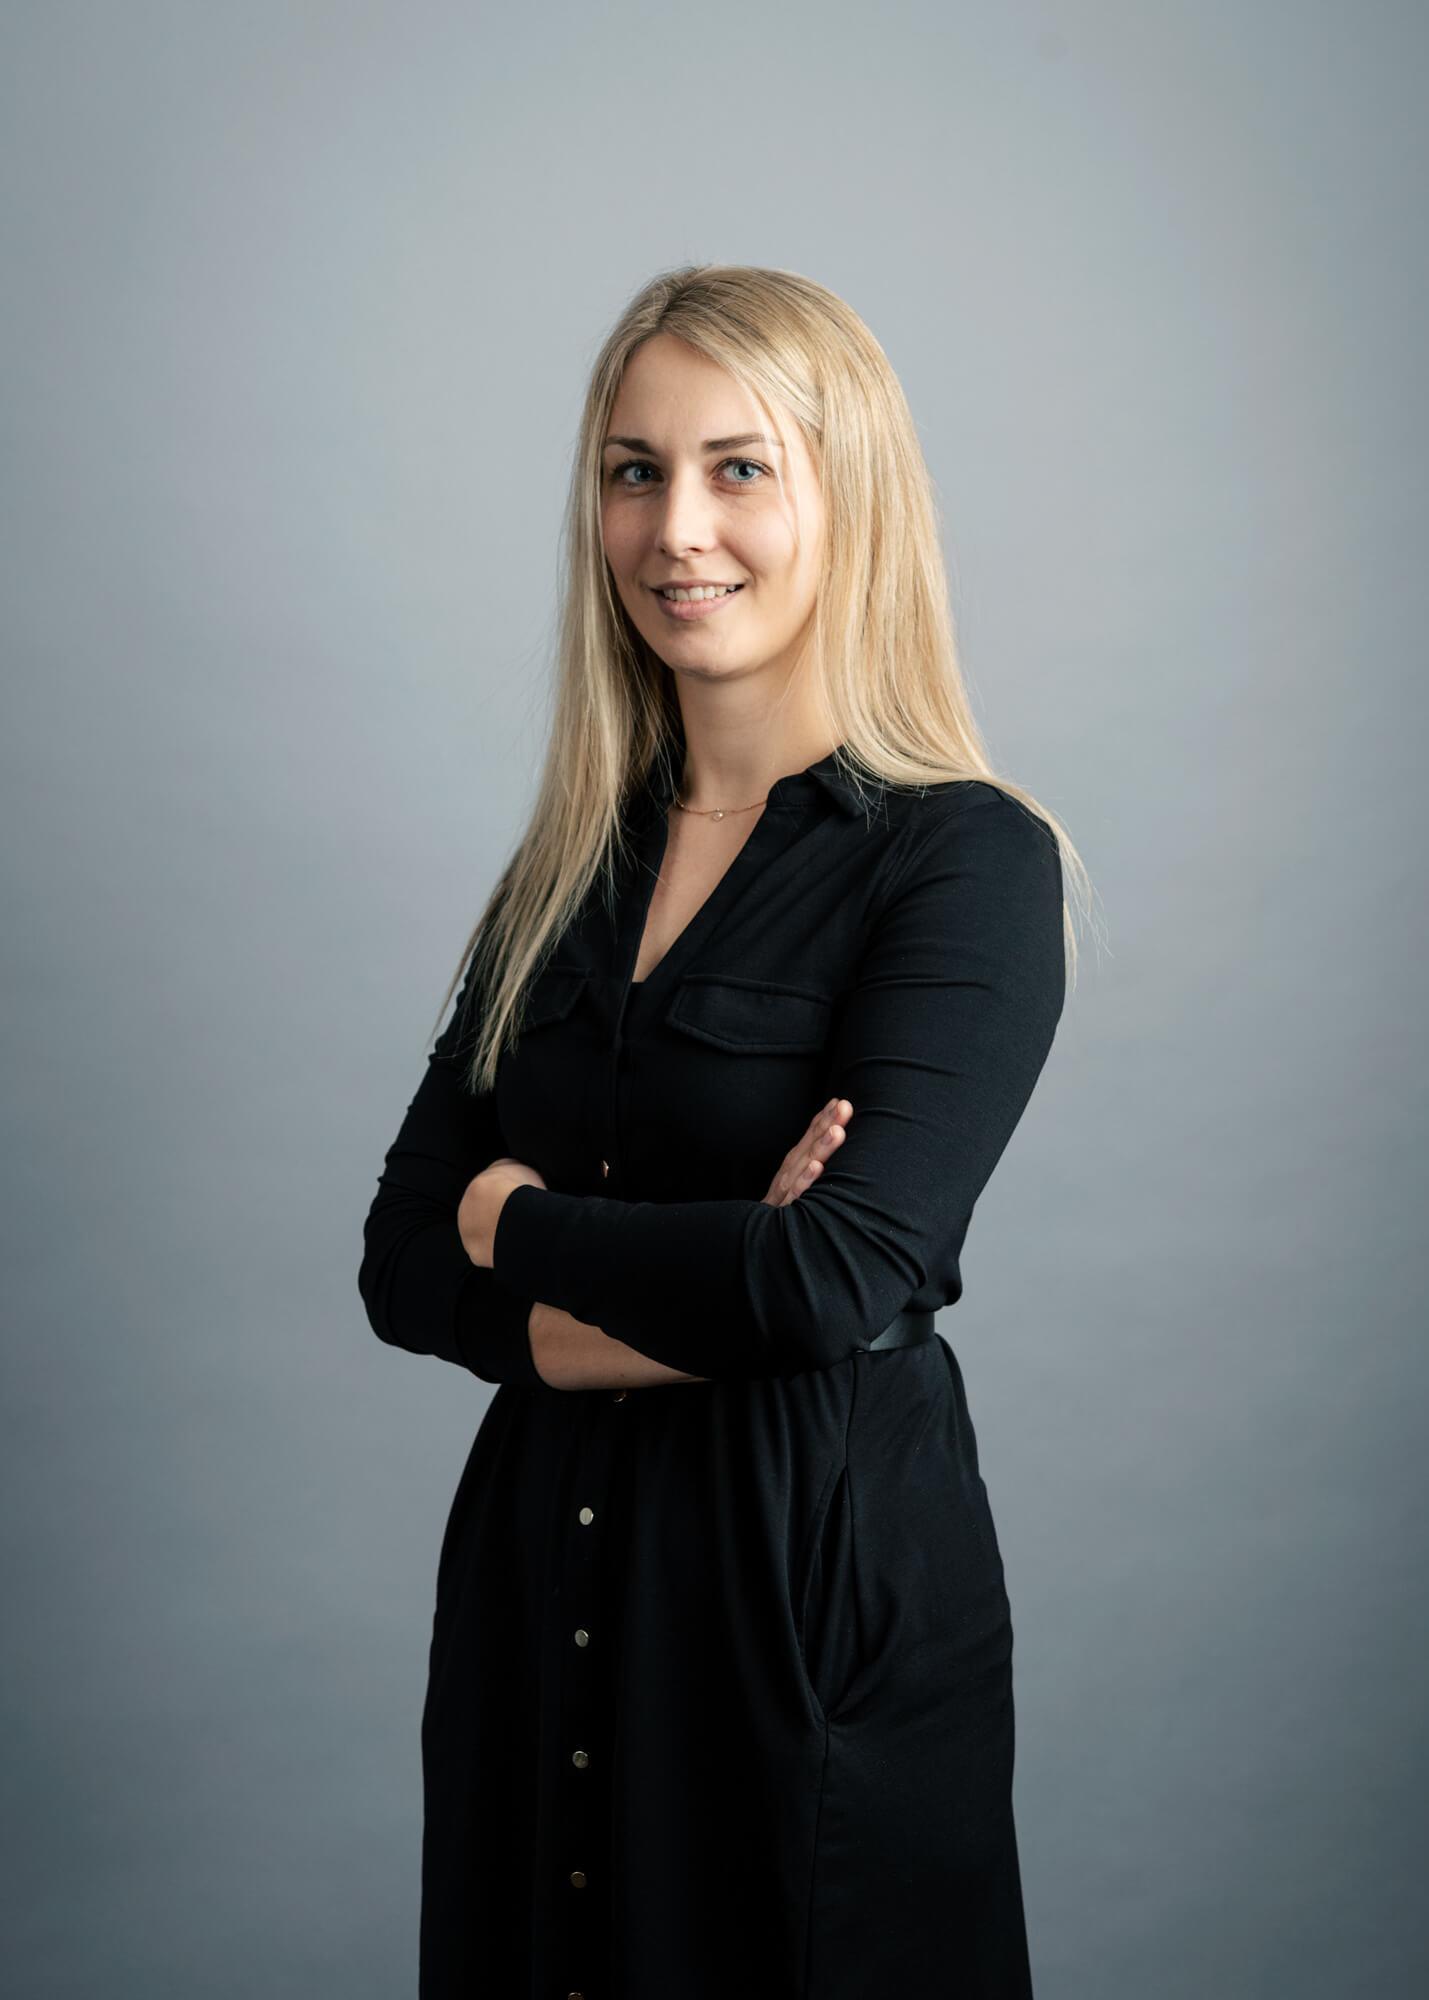 Verena Rothen